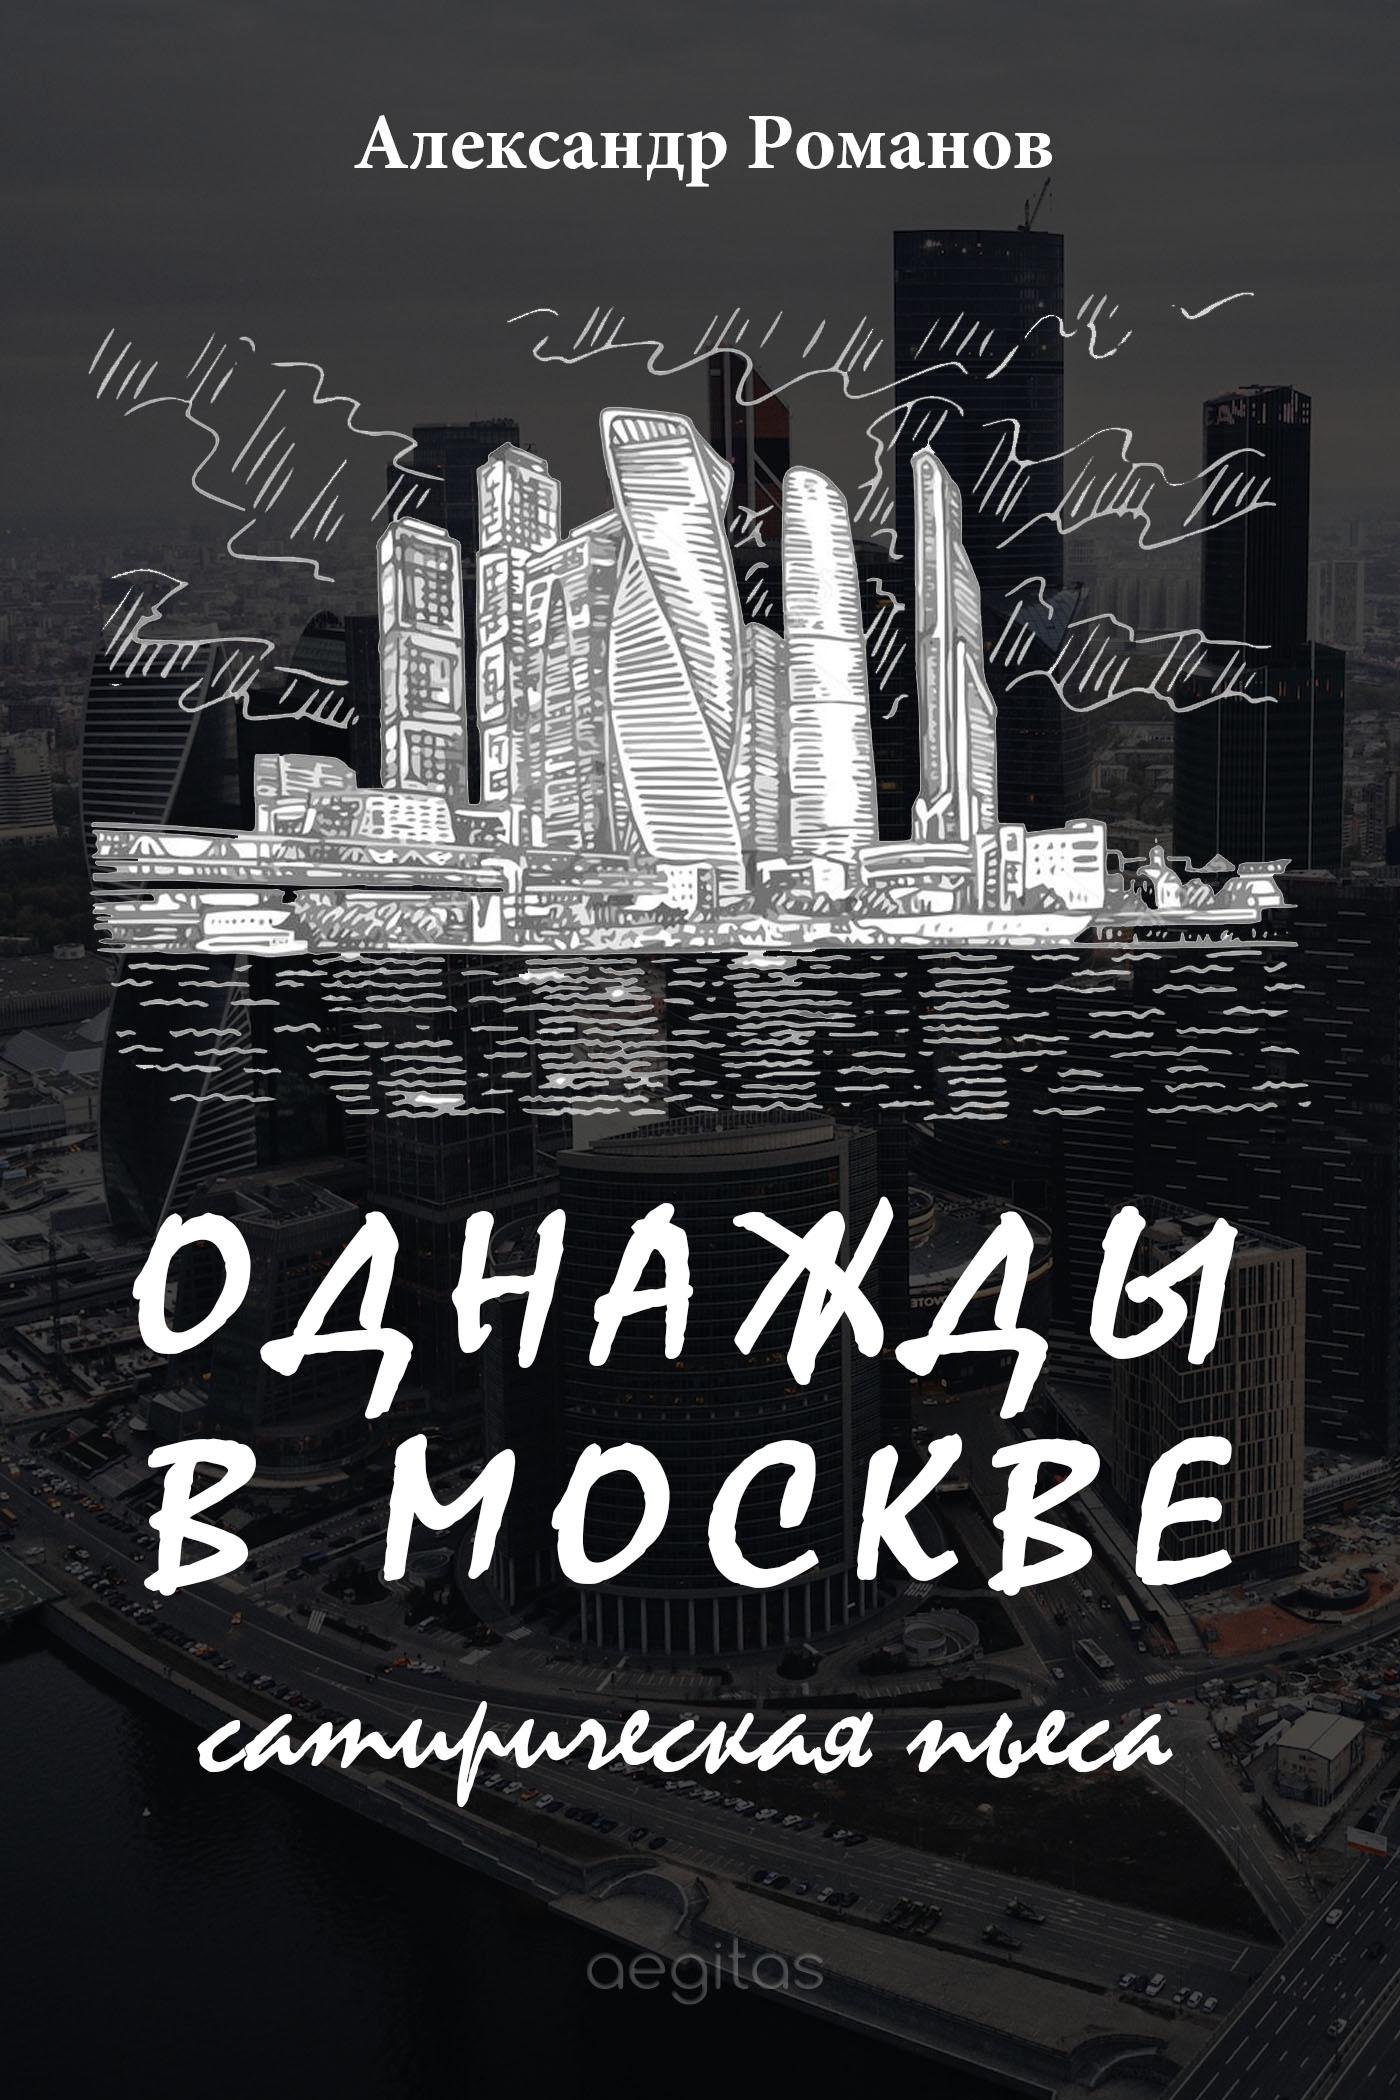 Александр Романов Однажды в Москве дешевые авиабилеты дюссельдорф москва